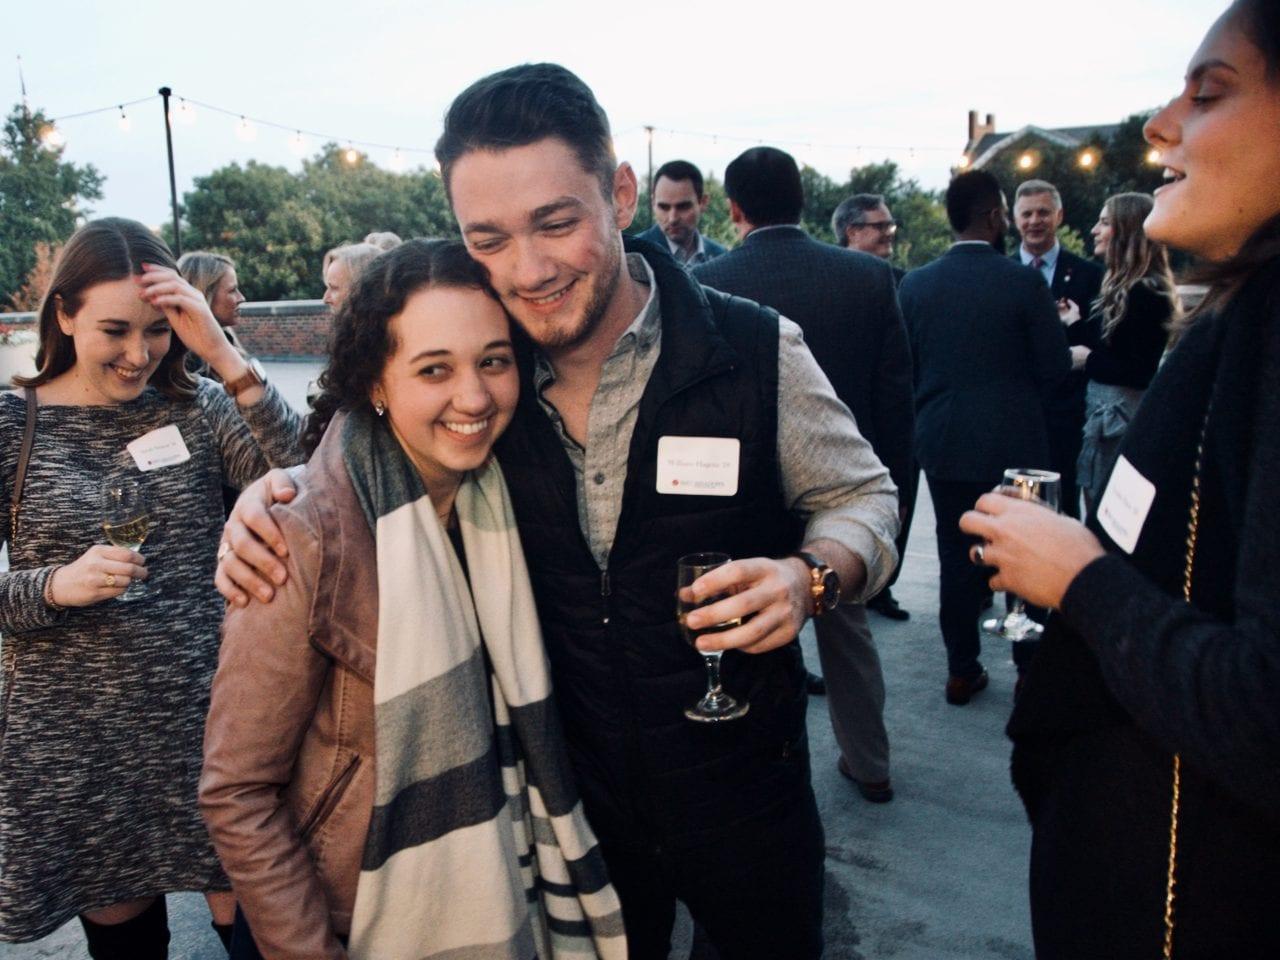 SMU CCPA Alumni at Homecoming 2019